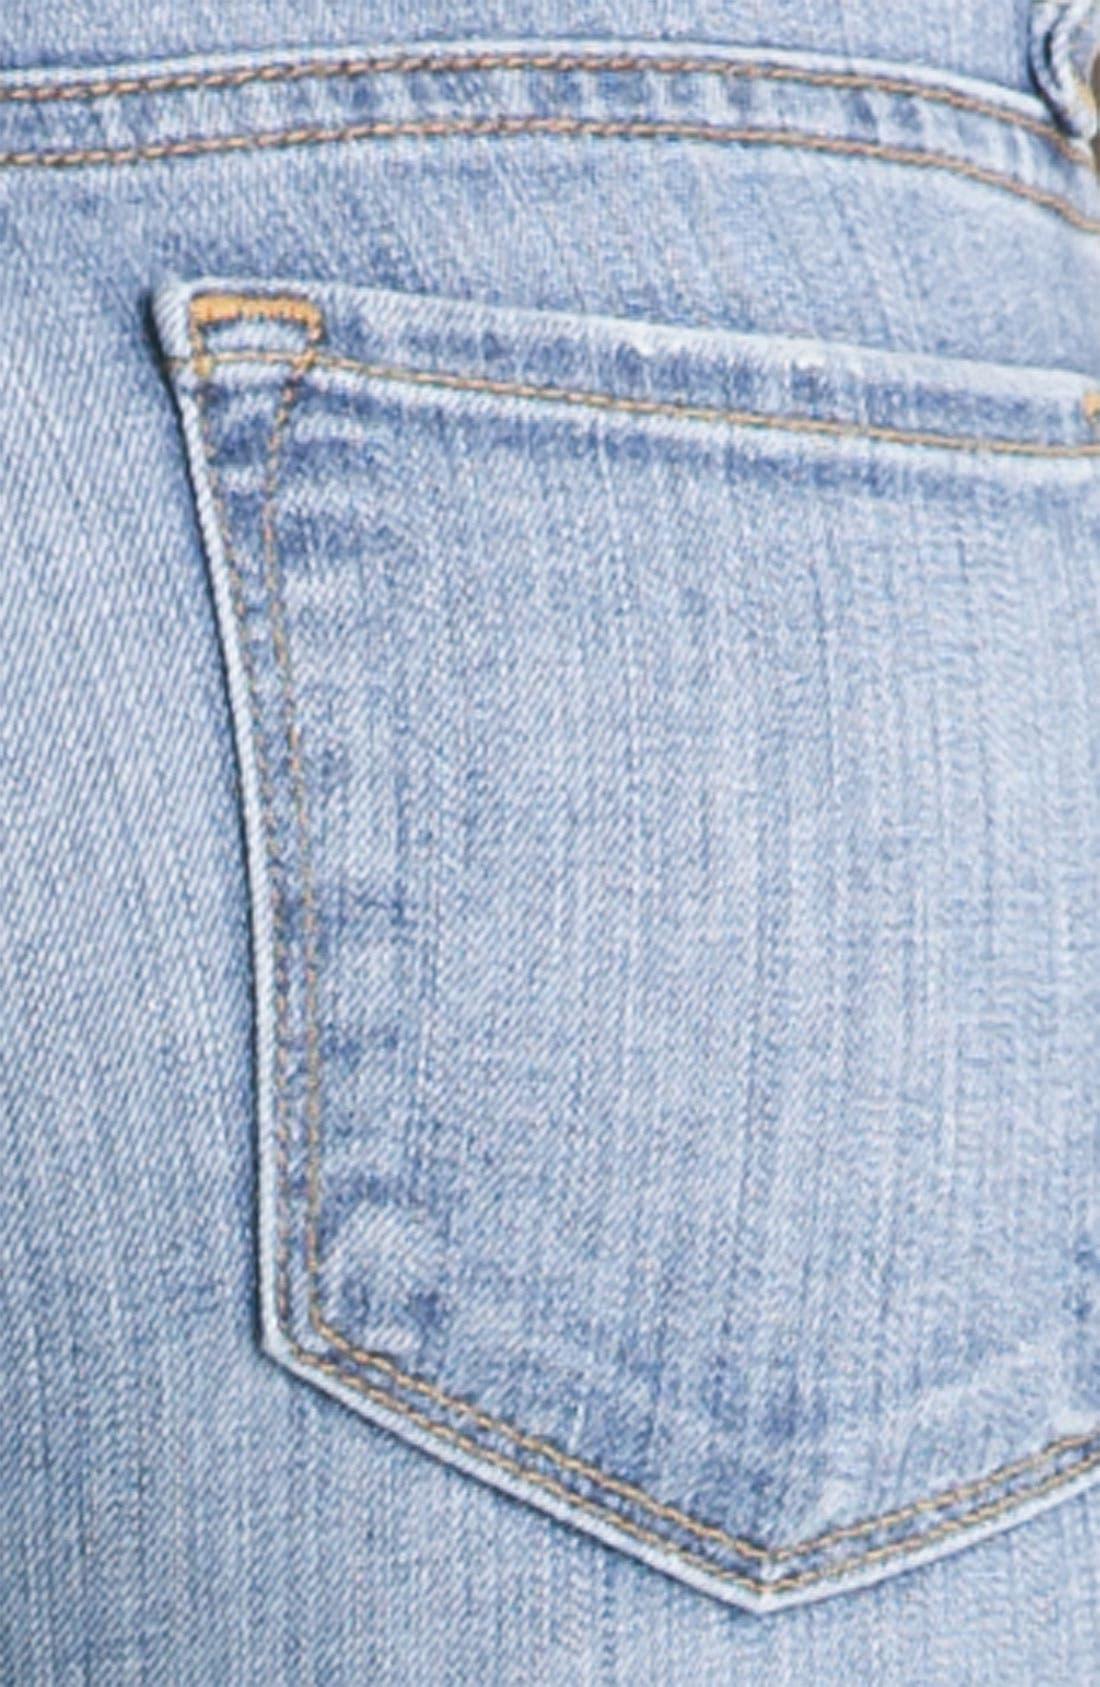 Alternate Image 3  - J Brand Skinny Stretch Jeans (Tulum)